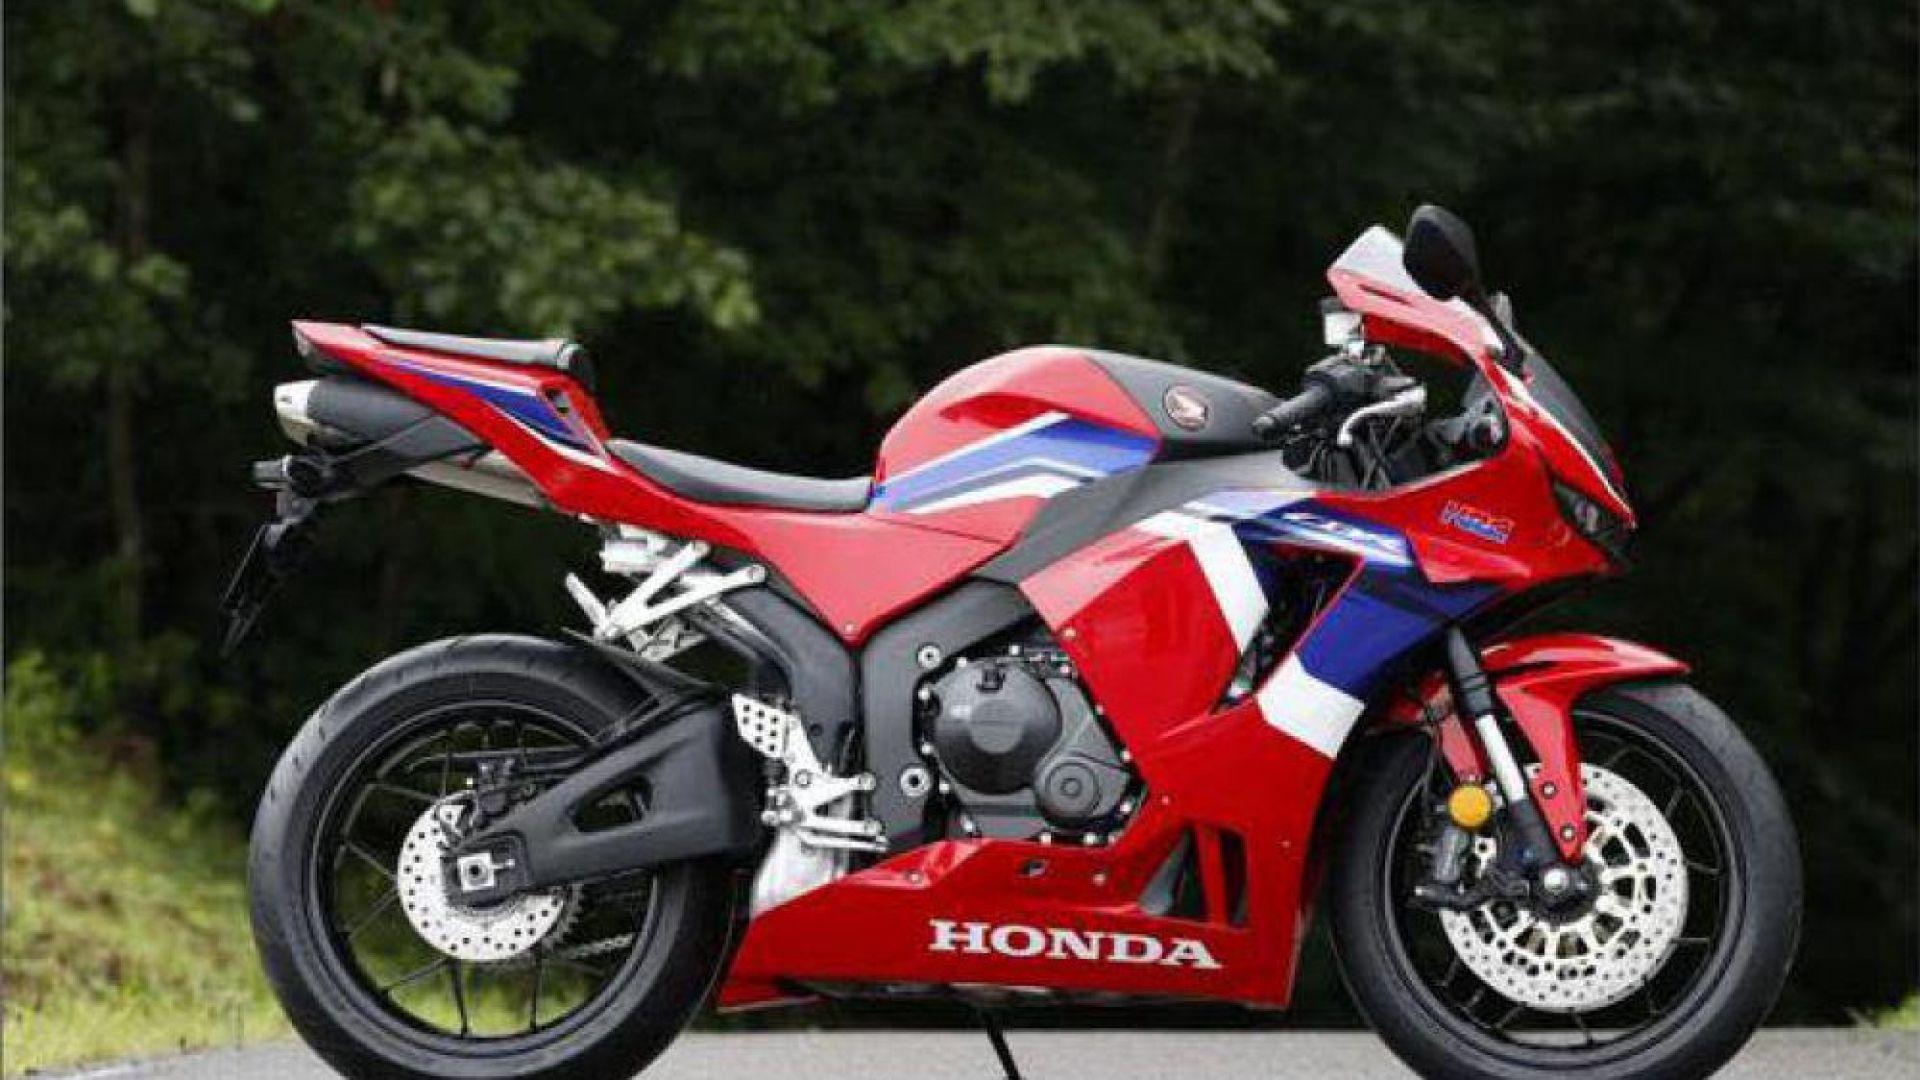 Honda CBR600RR 2021: prezzo, scheda tecnica, foto - MotorBox